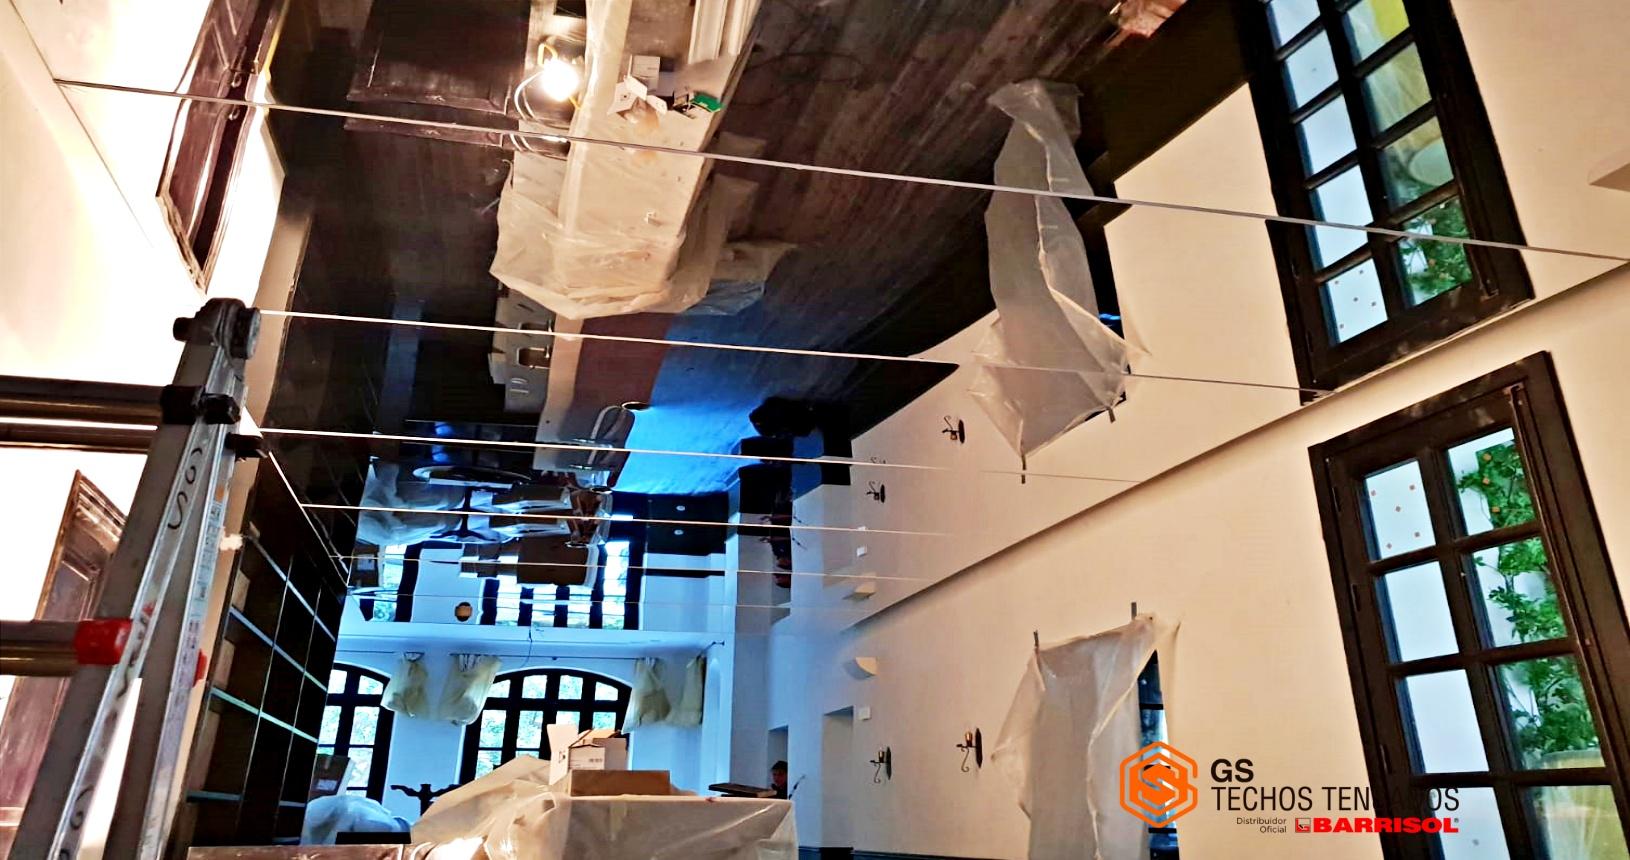 El reflejo de las telas tensadas Barrisol en Techo de hotel de Palma de Mallorca